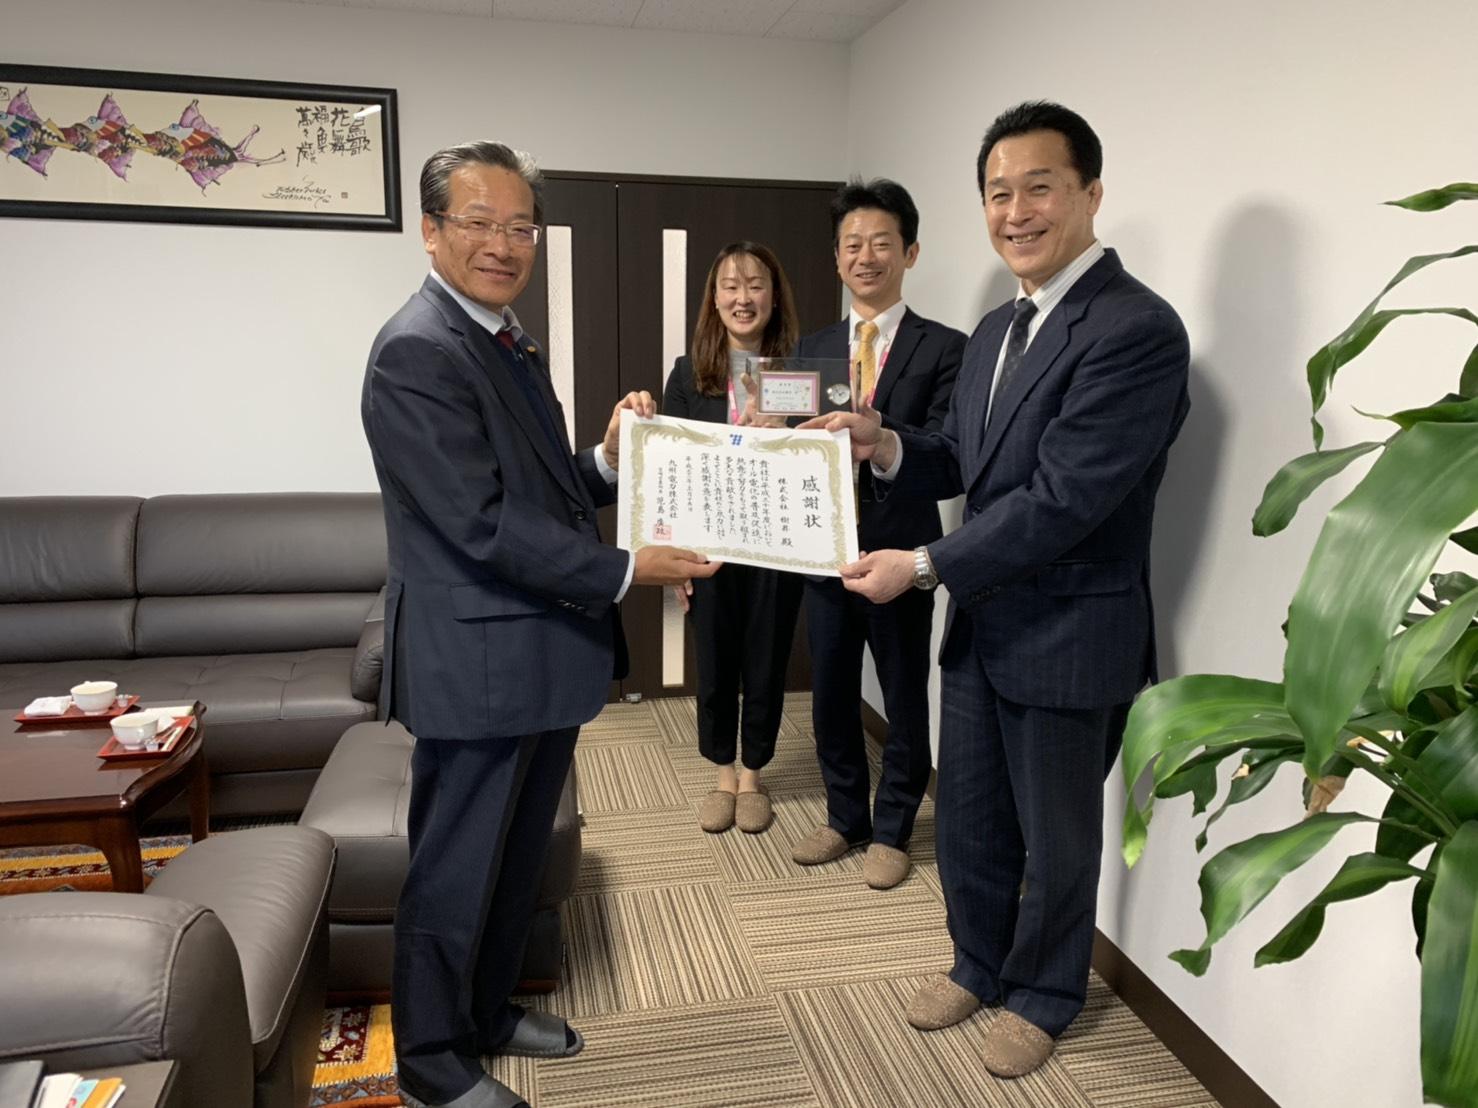 九州電力様からオール電化普及の貢献に対する表彰を受けました。